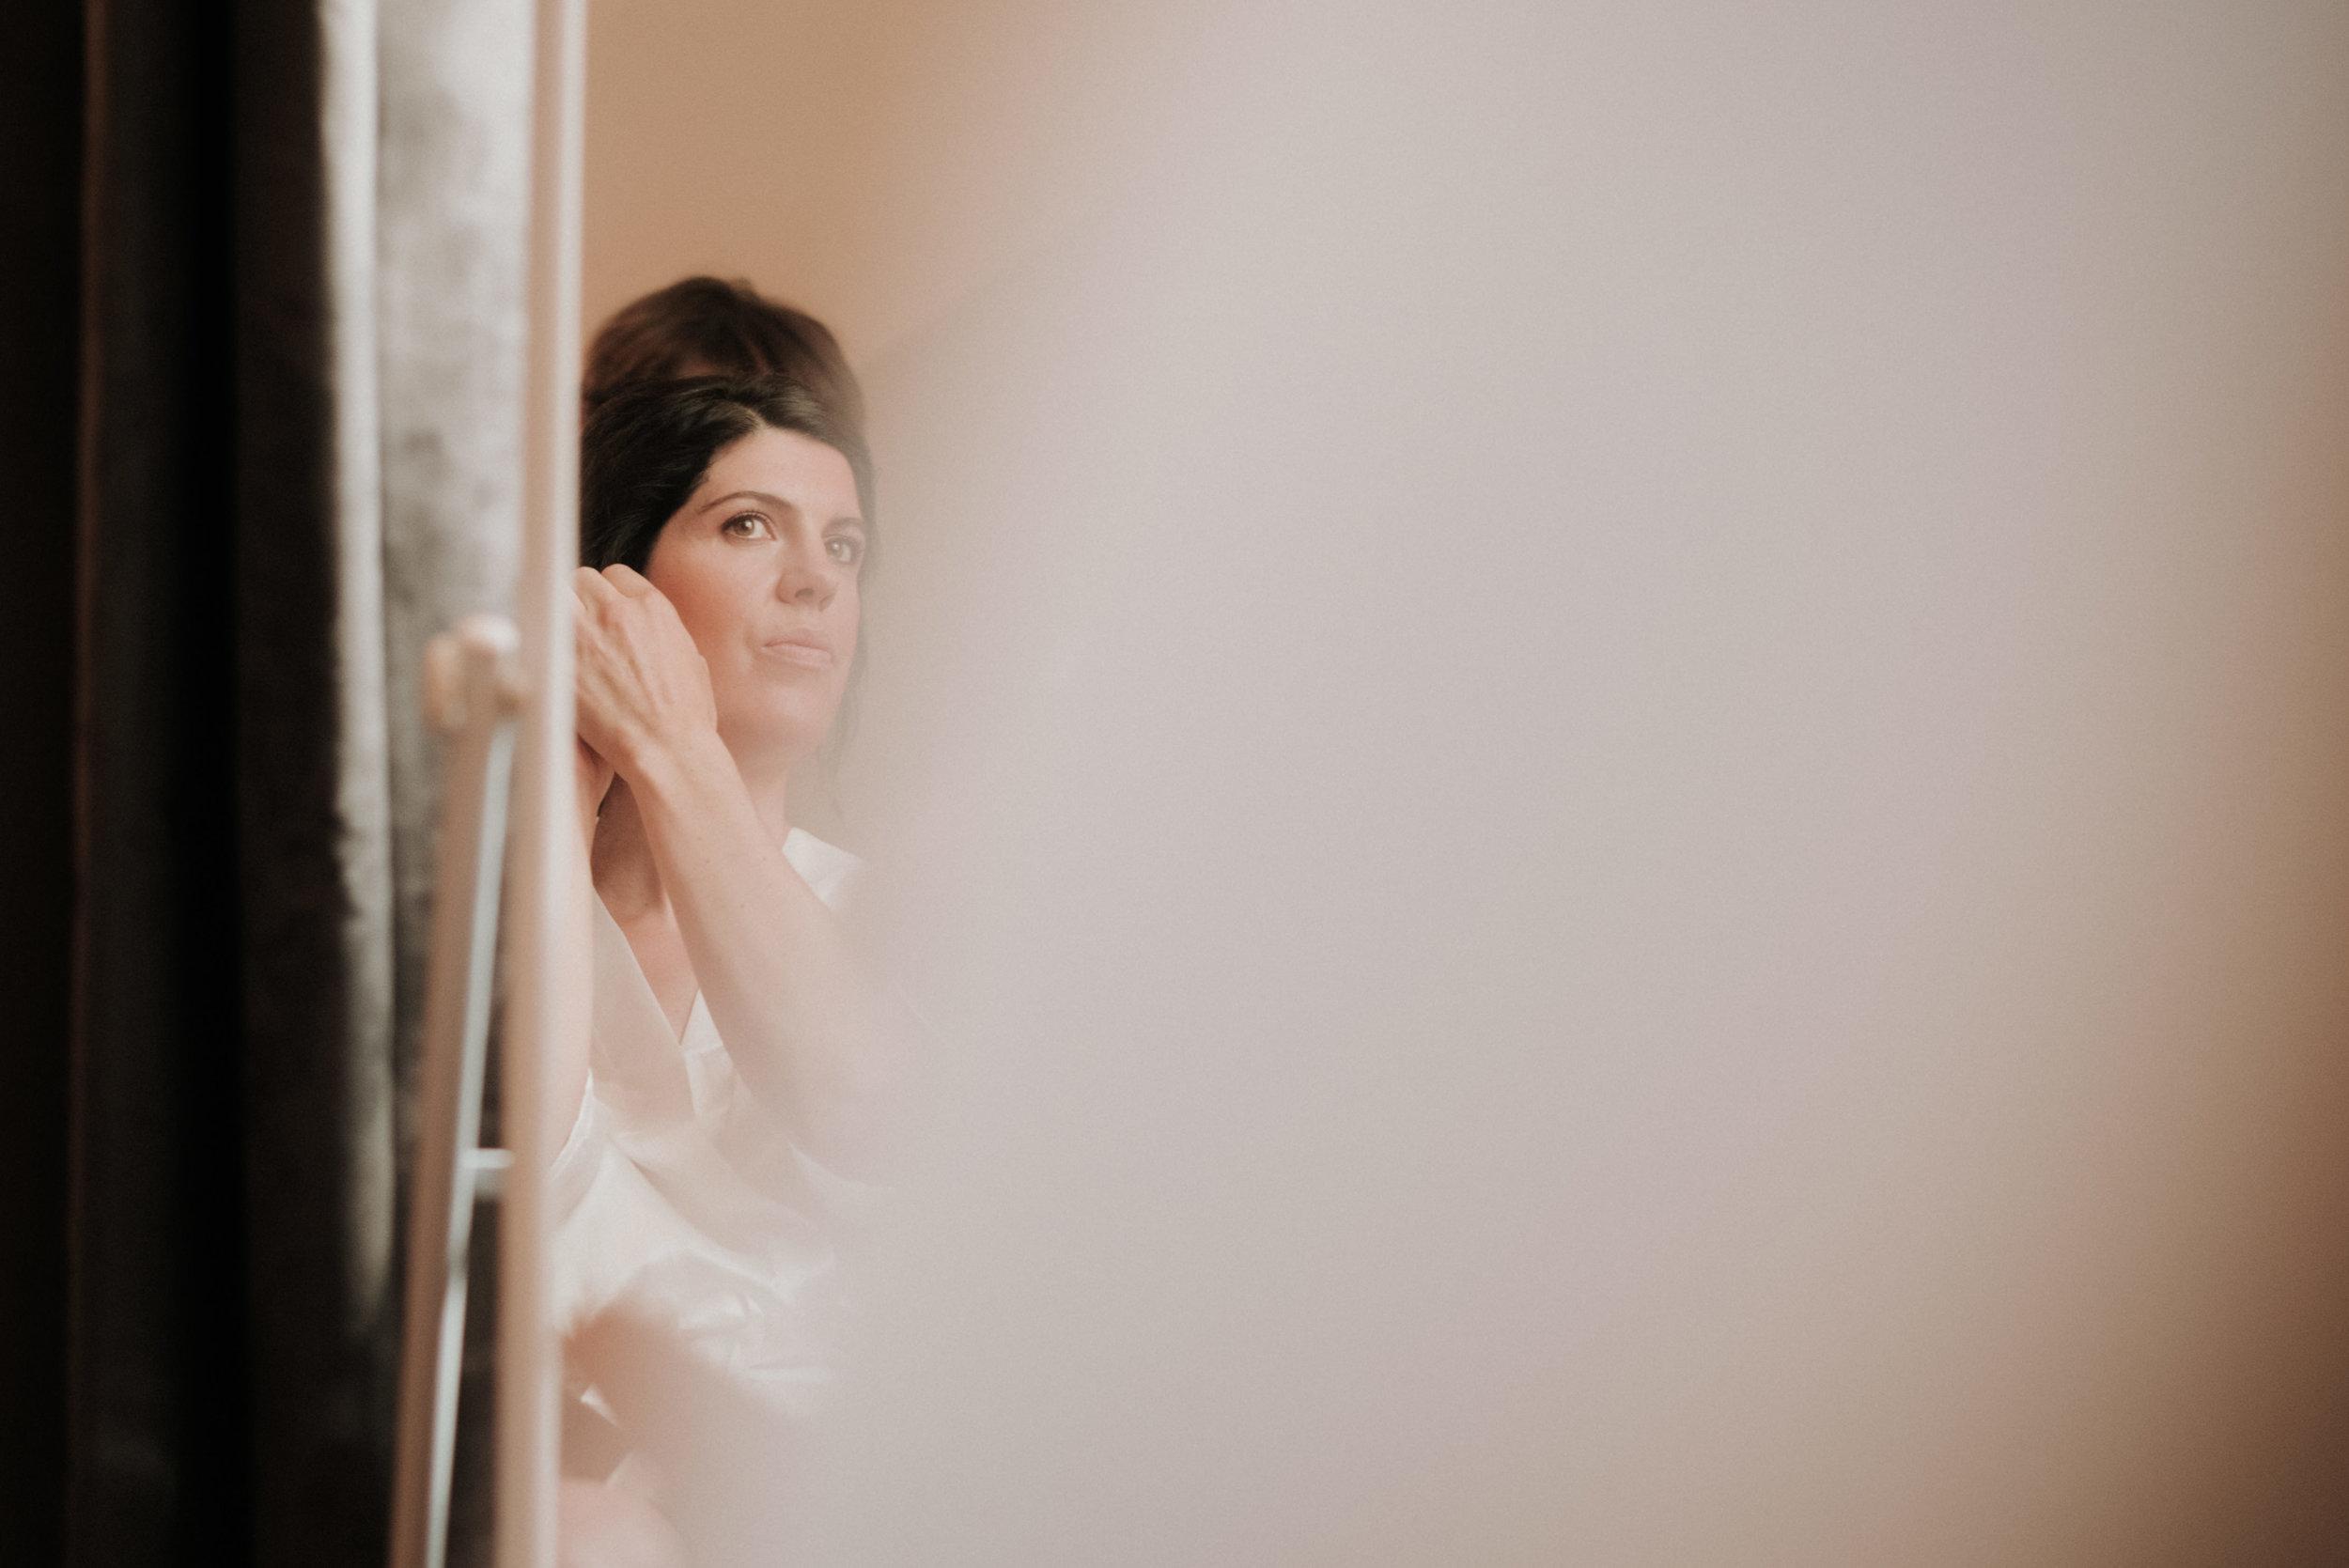 Léa-Fery-photographe-professionnel-lyon-rhone-alpes-portrait-creation-mariage-evenement-evenementiel-famille-8381.jpg